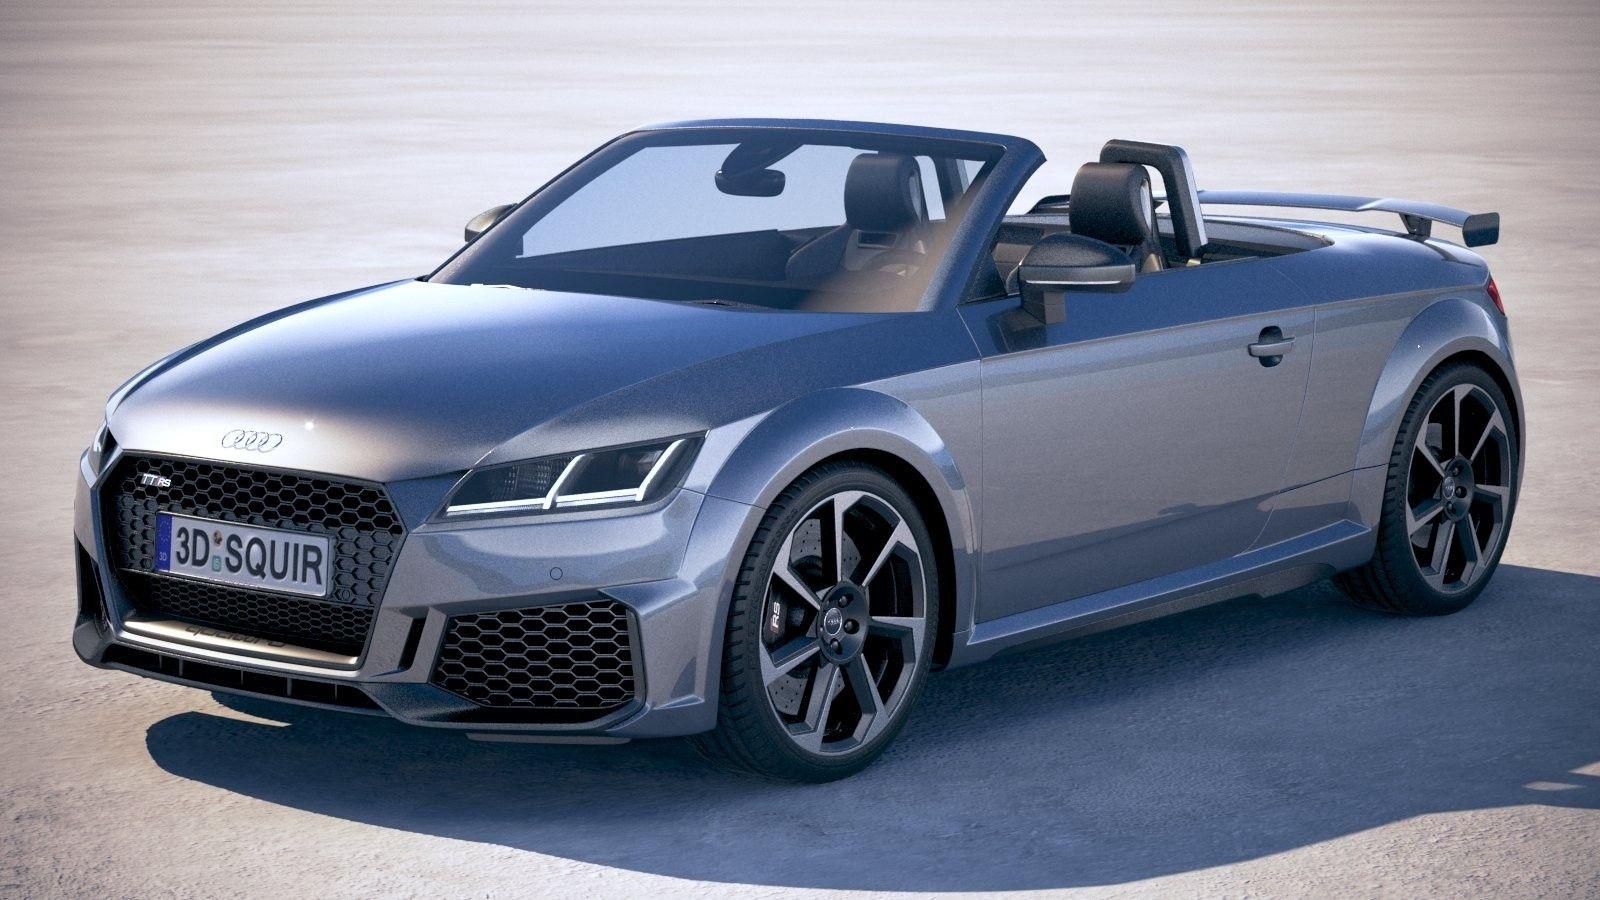 Audi Tt Roadster 2020 Spy Shoot In 2020